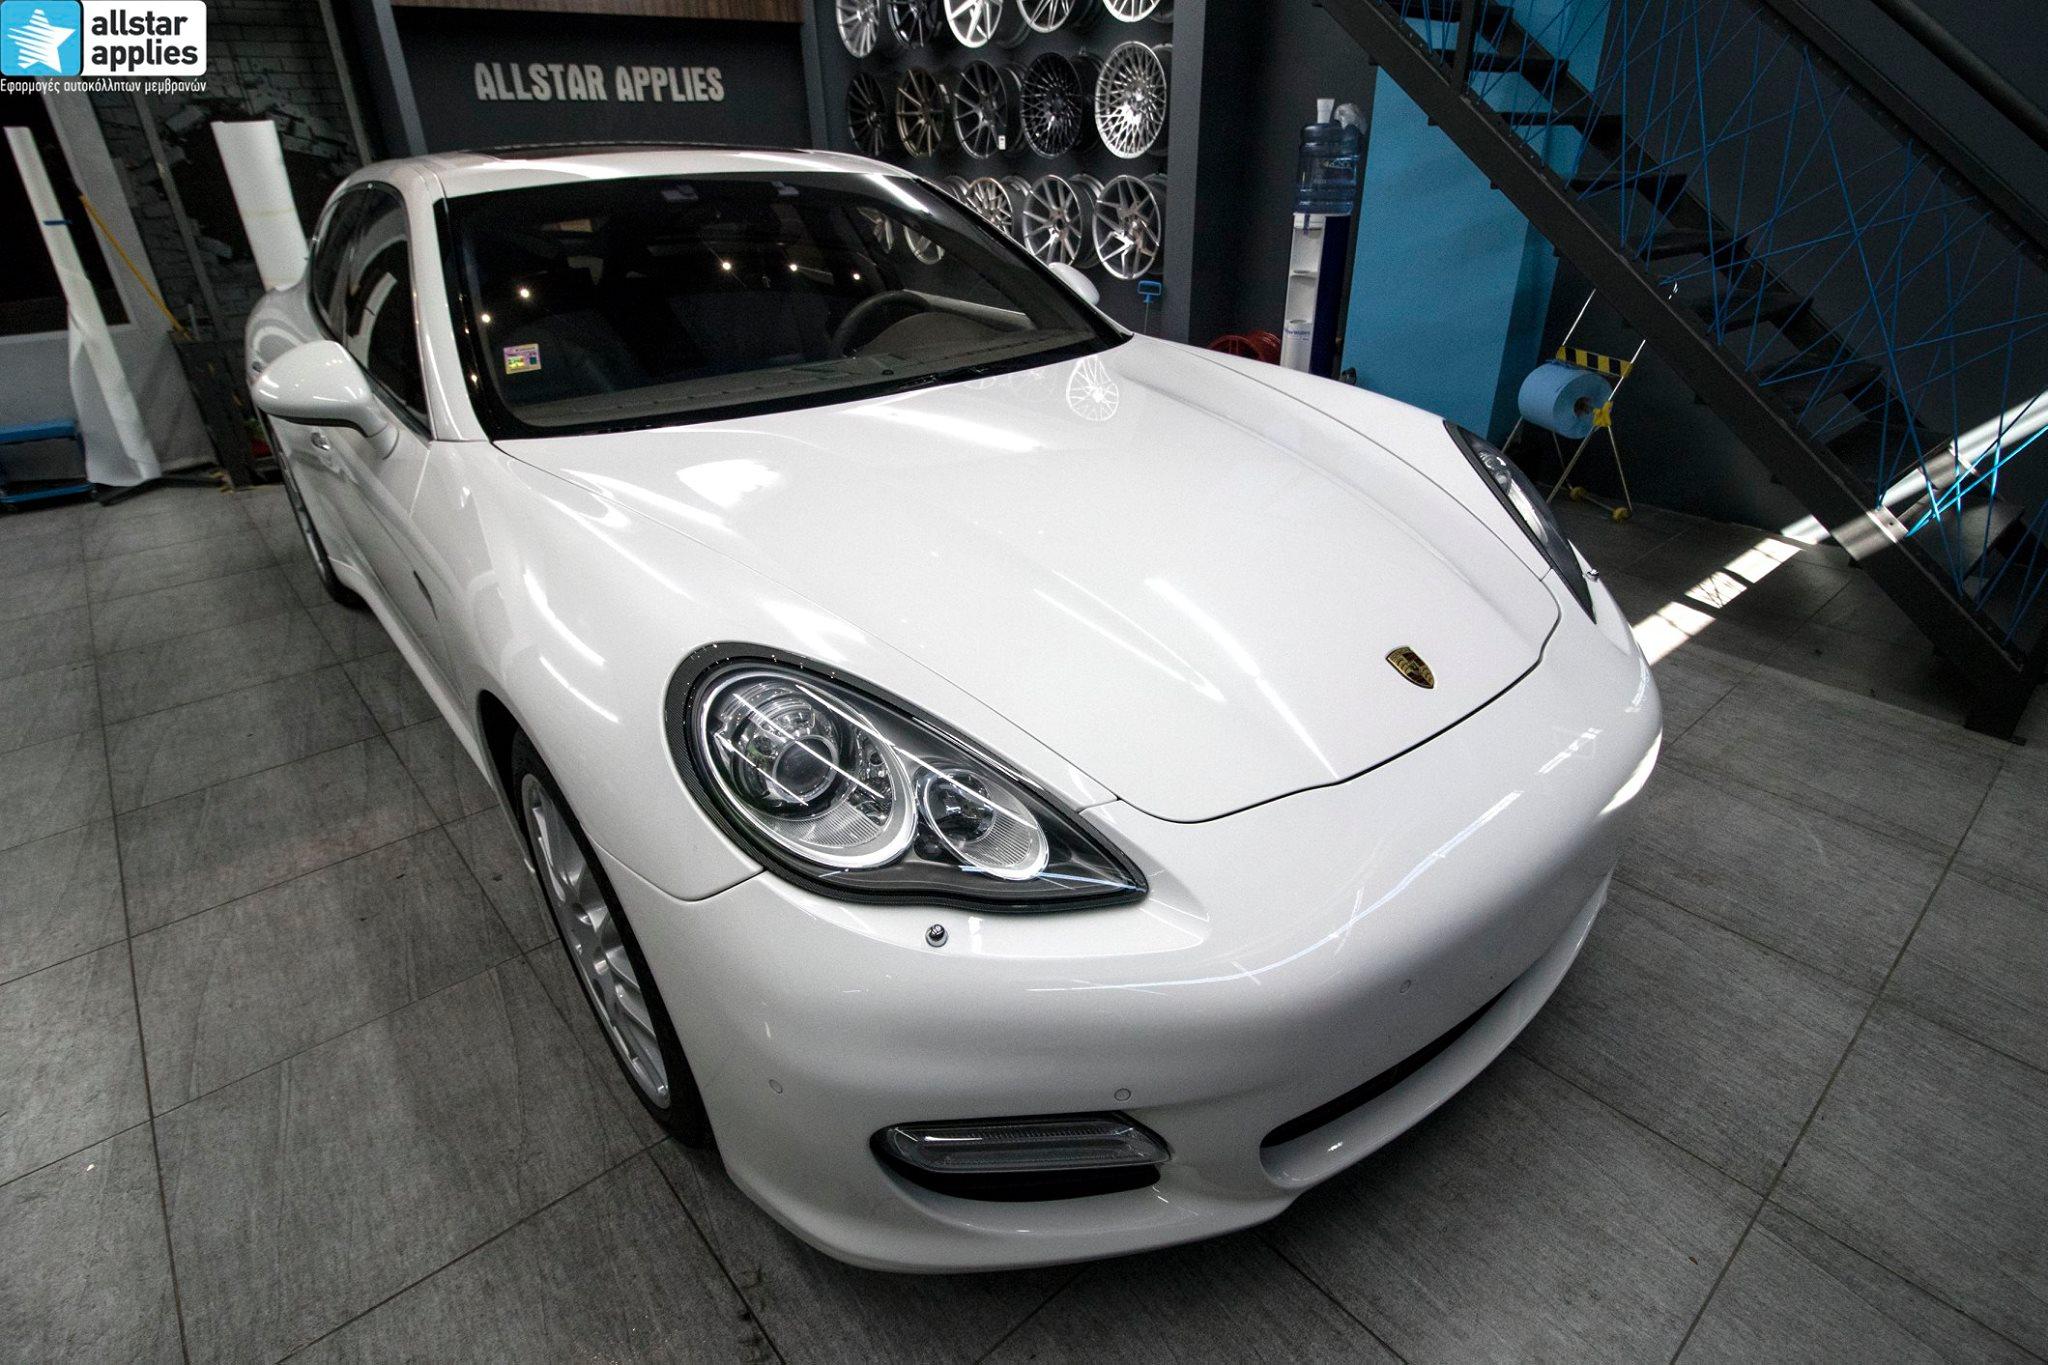 Porsche Panamera - Paint Protection Film (7)